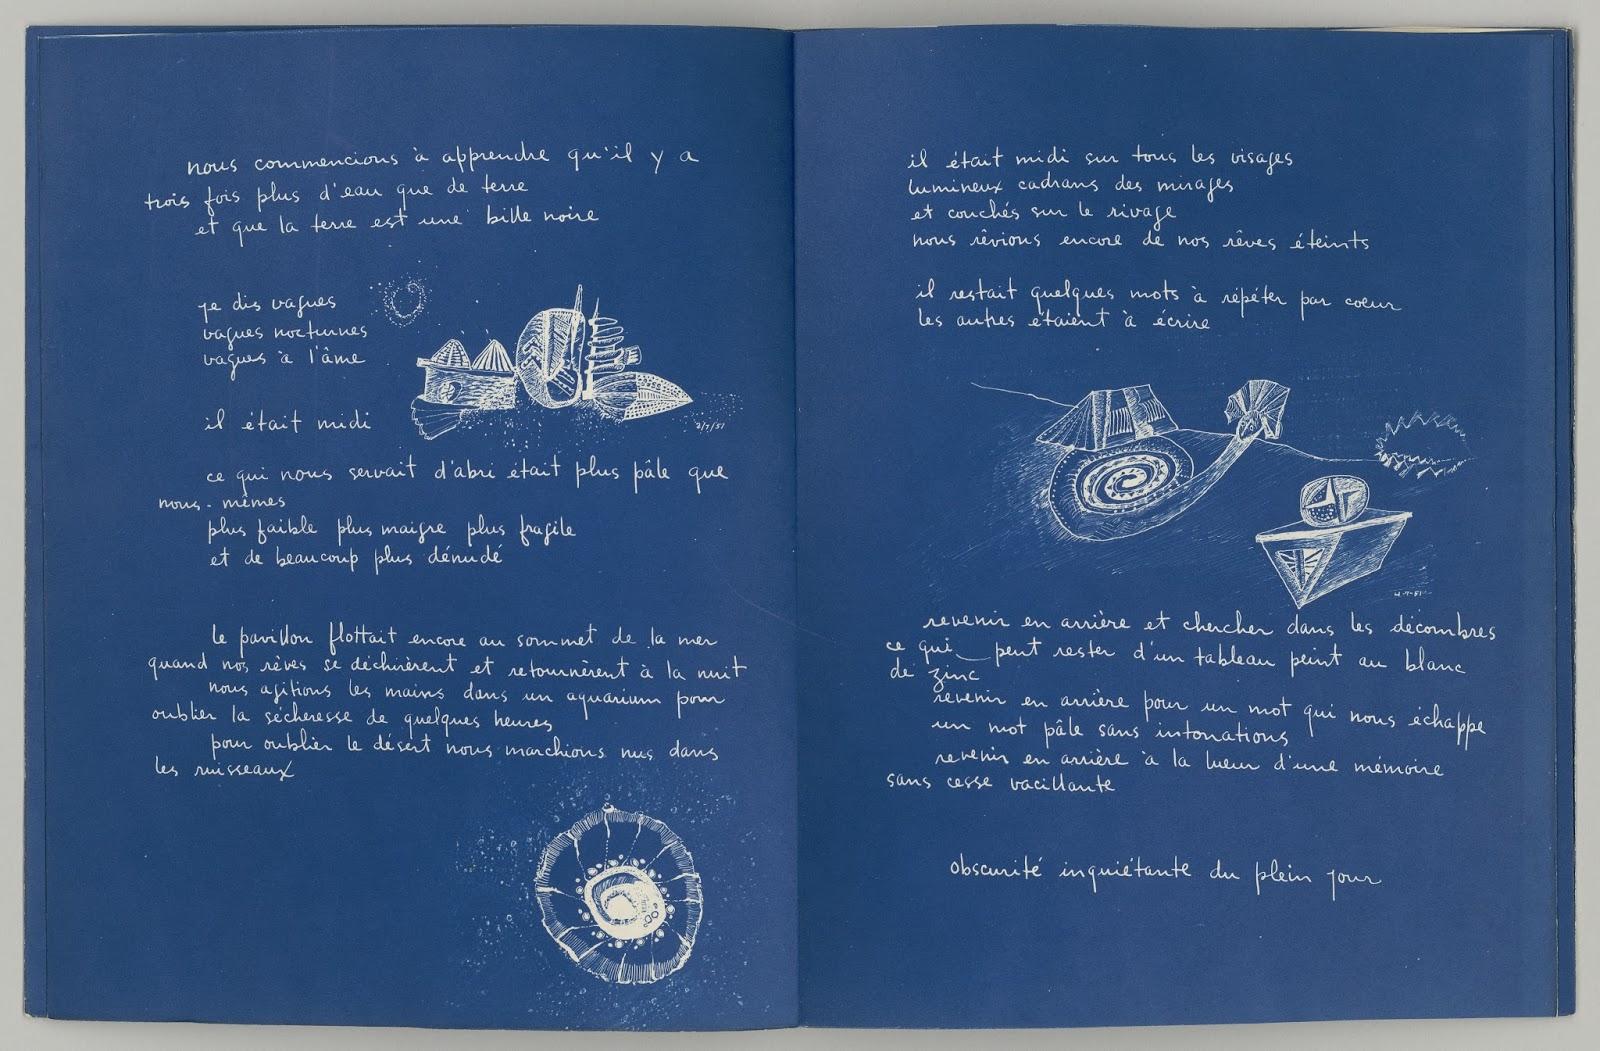 ARLIS/NA Book Art SIG